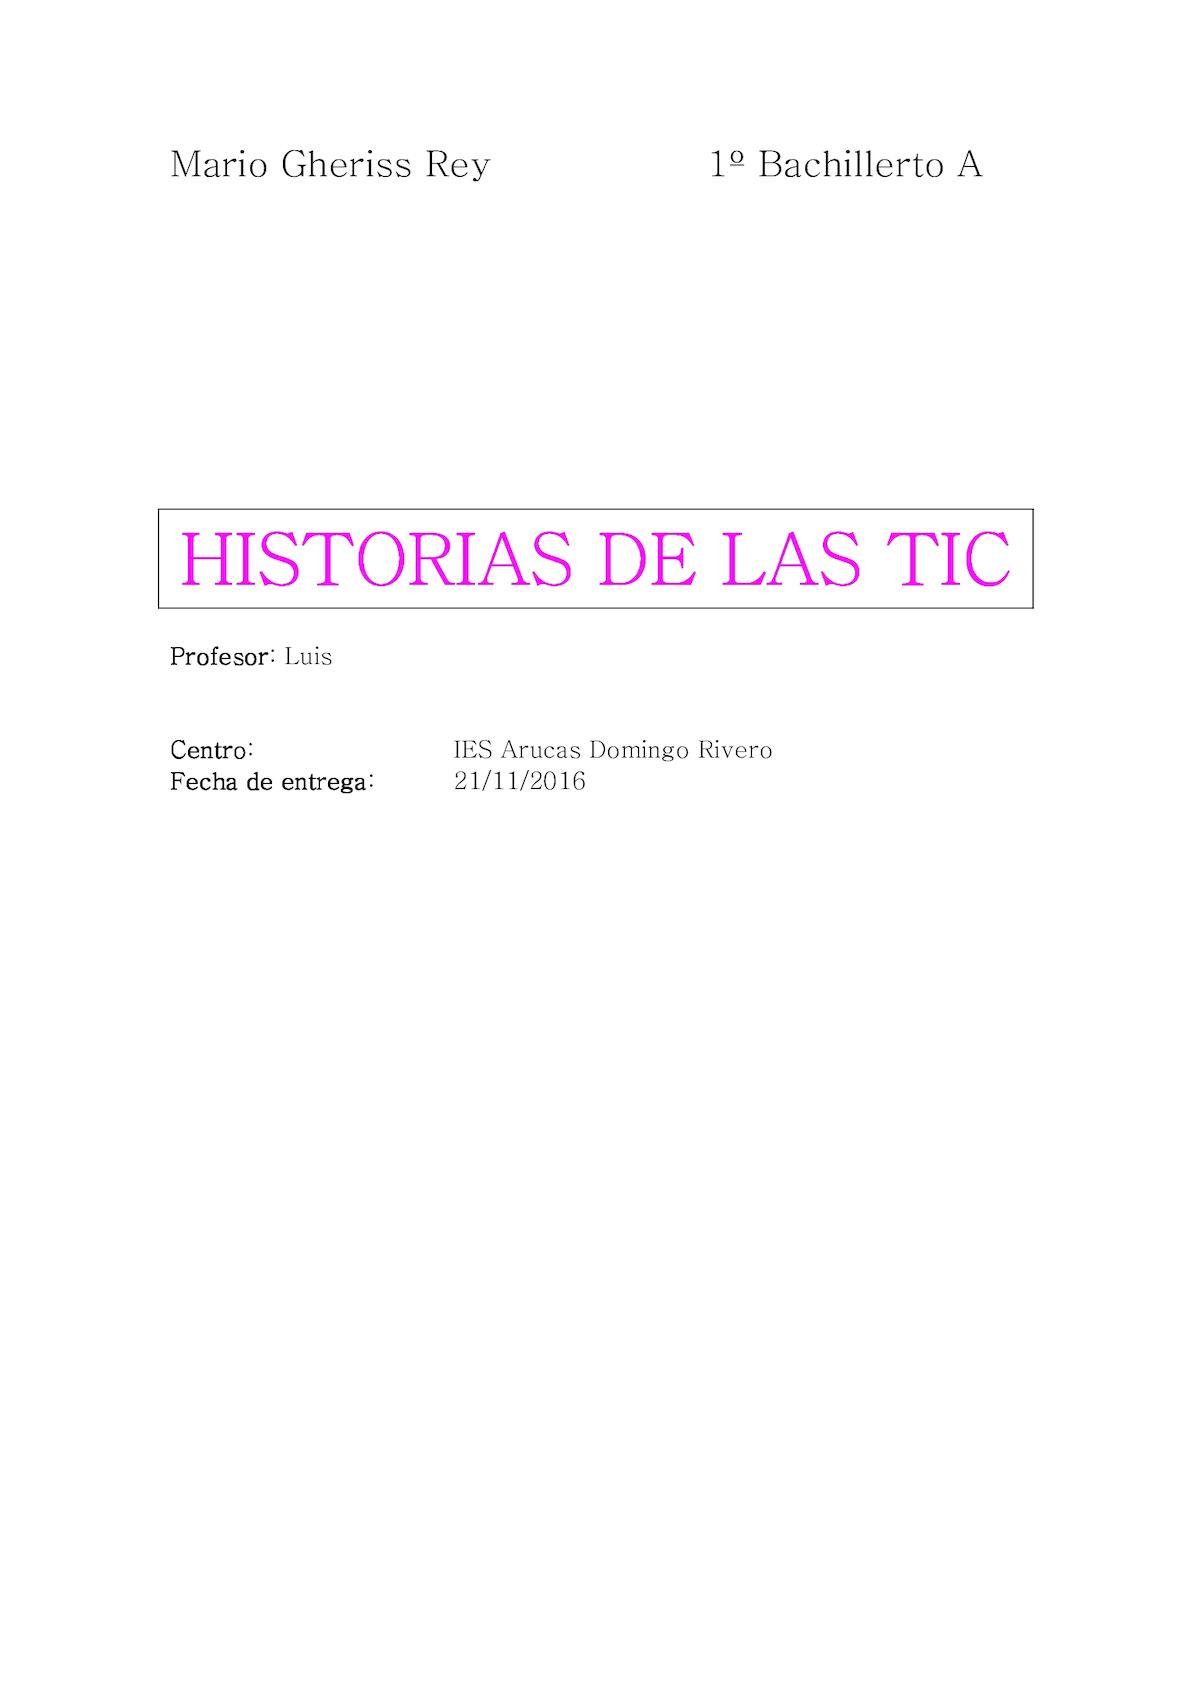 Calaméo - Historia De Las Tic Mario Gheriss